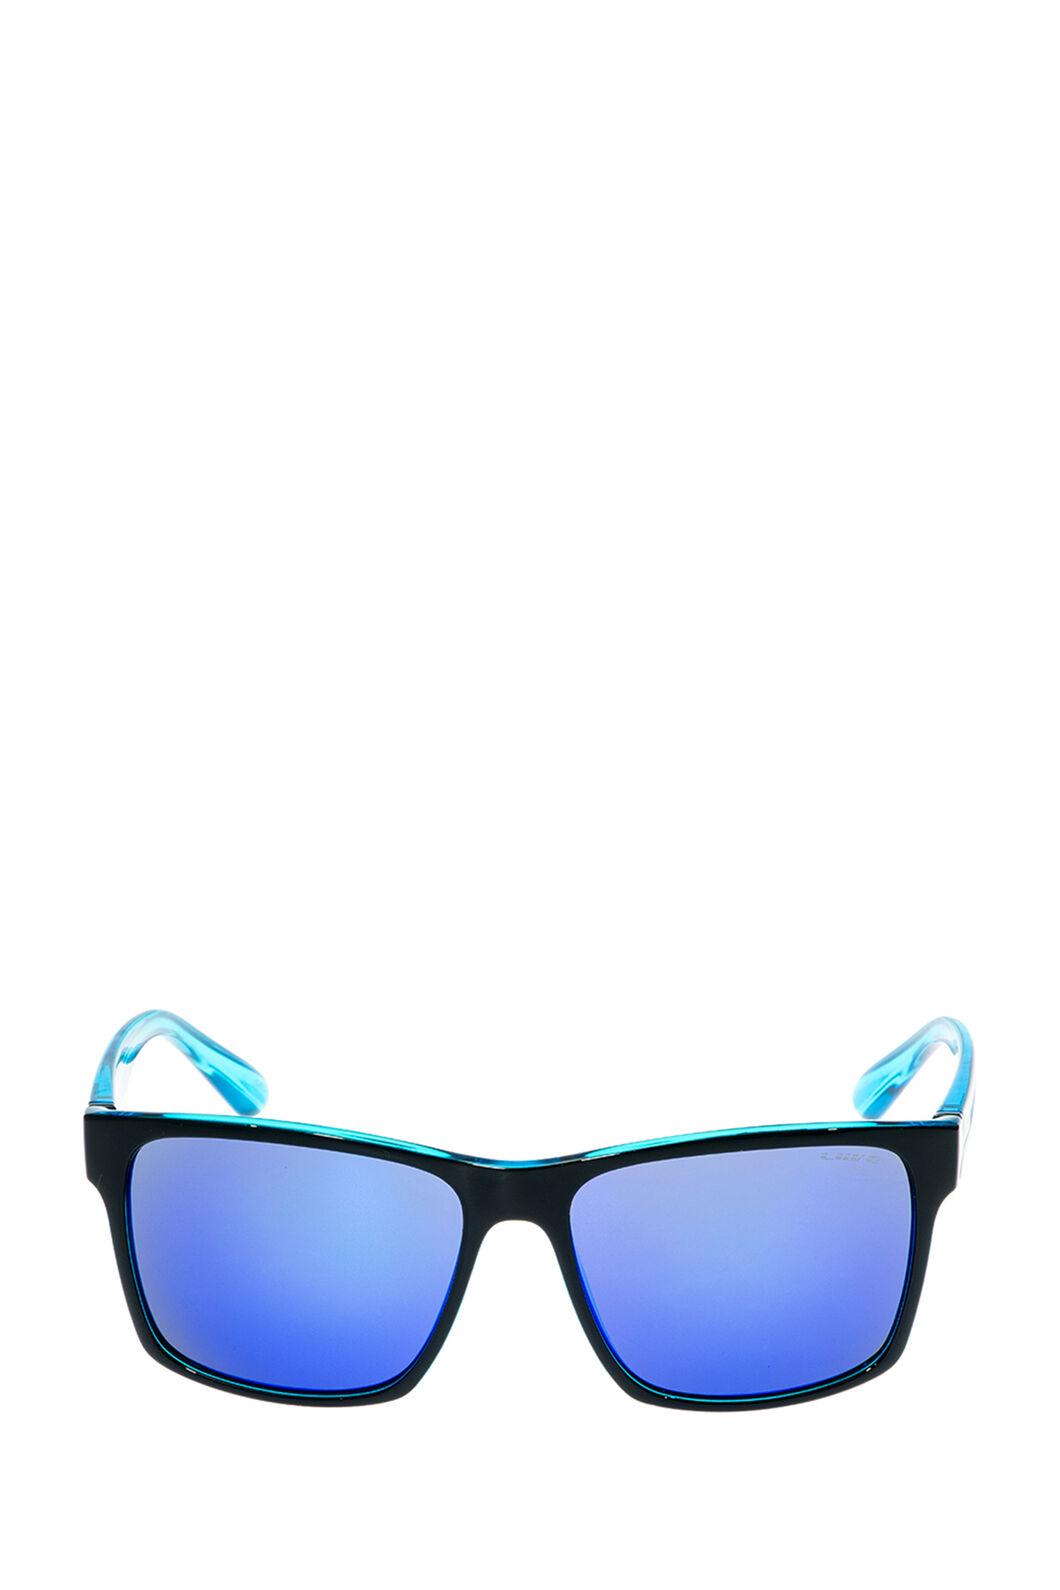 Liive Vision Kerrbox Mirror Sunglasses, Xtal Neon Black, hi-res